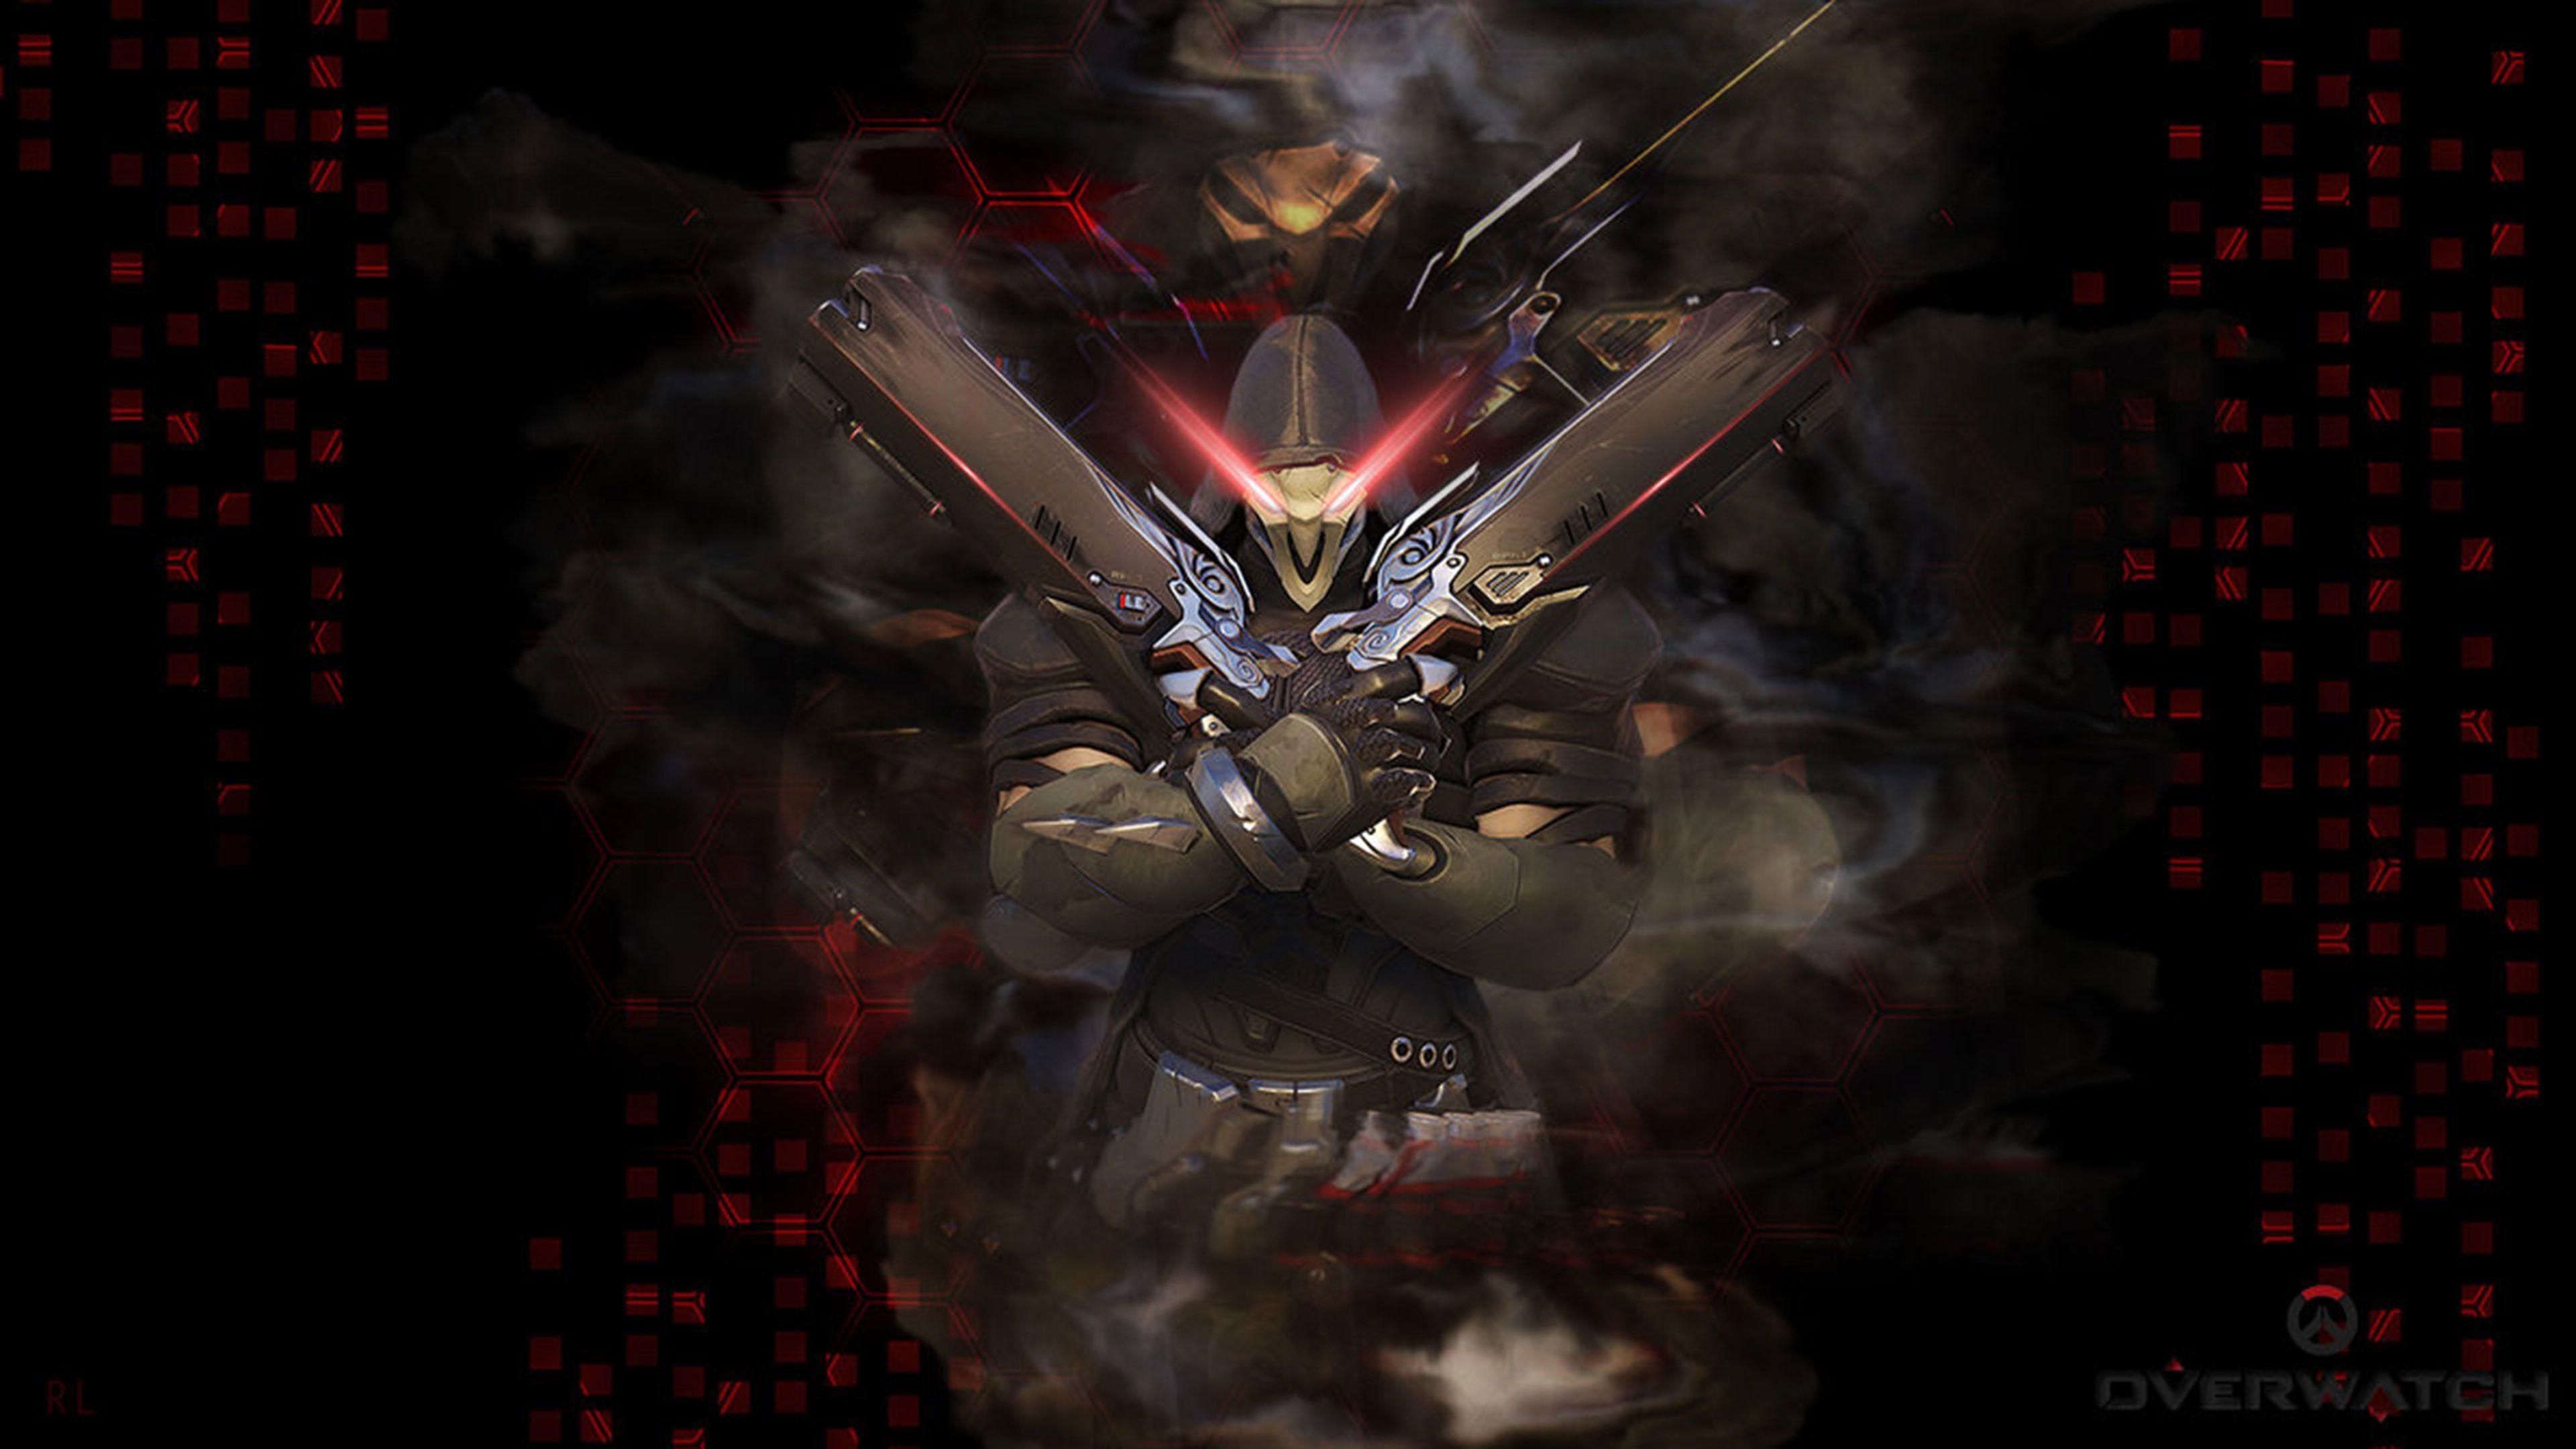 3840x2160 Overwatch 4k Wallpaper Overwatch Wallpapers Overwatch Reaper Overwatch